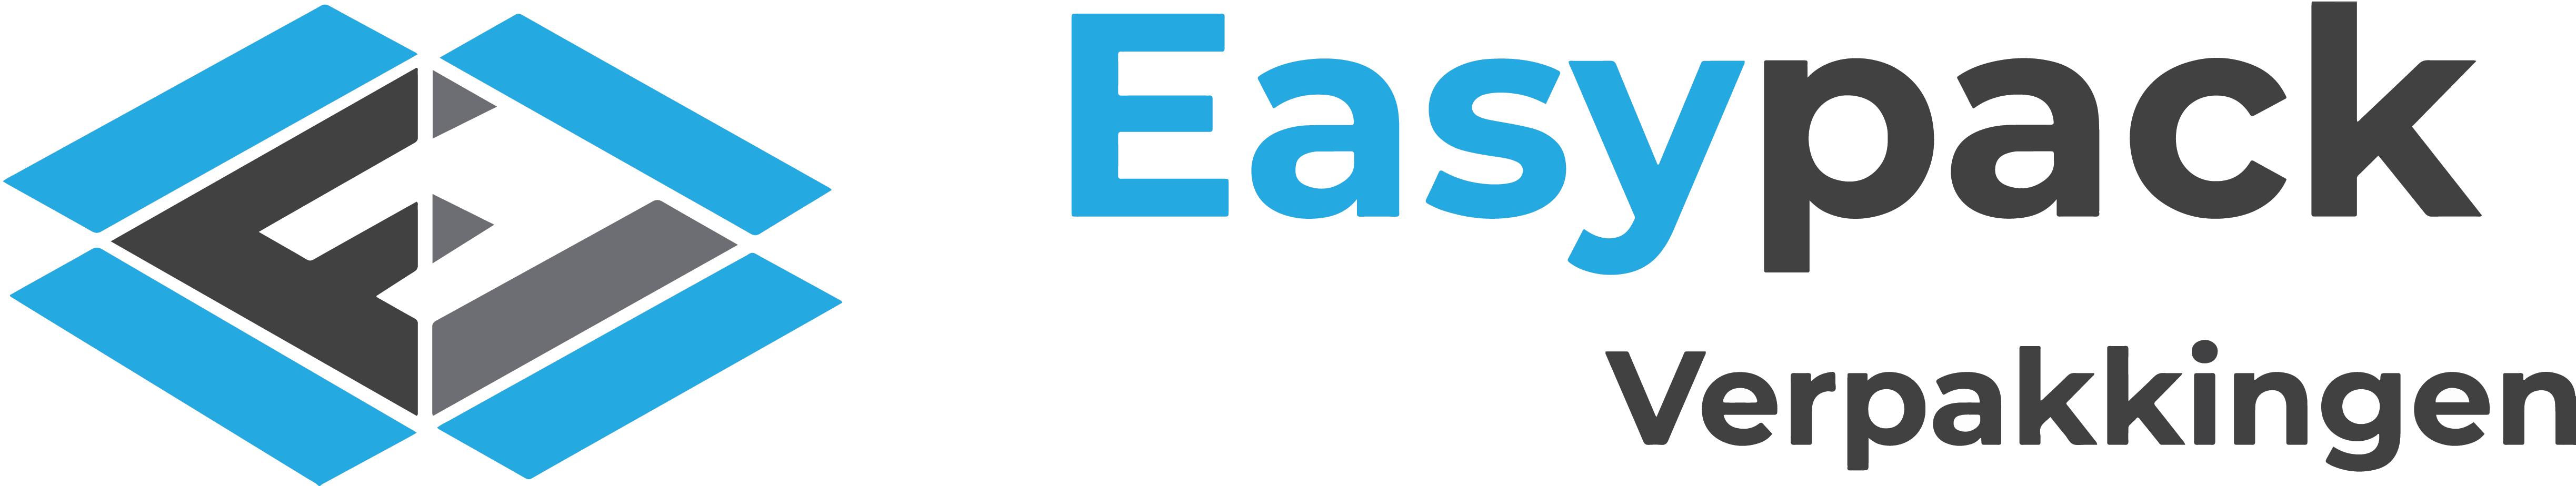 Easypack Verpakkingen